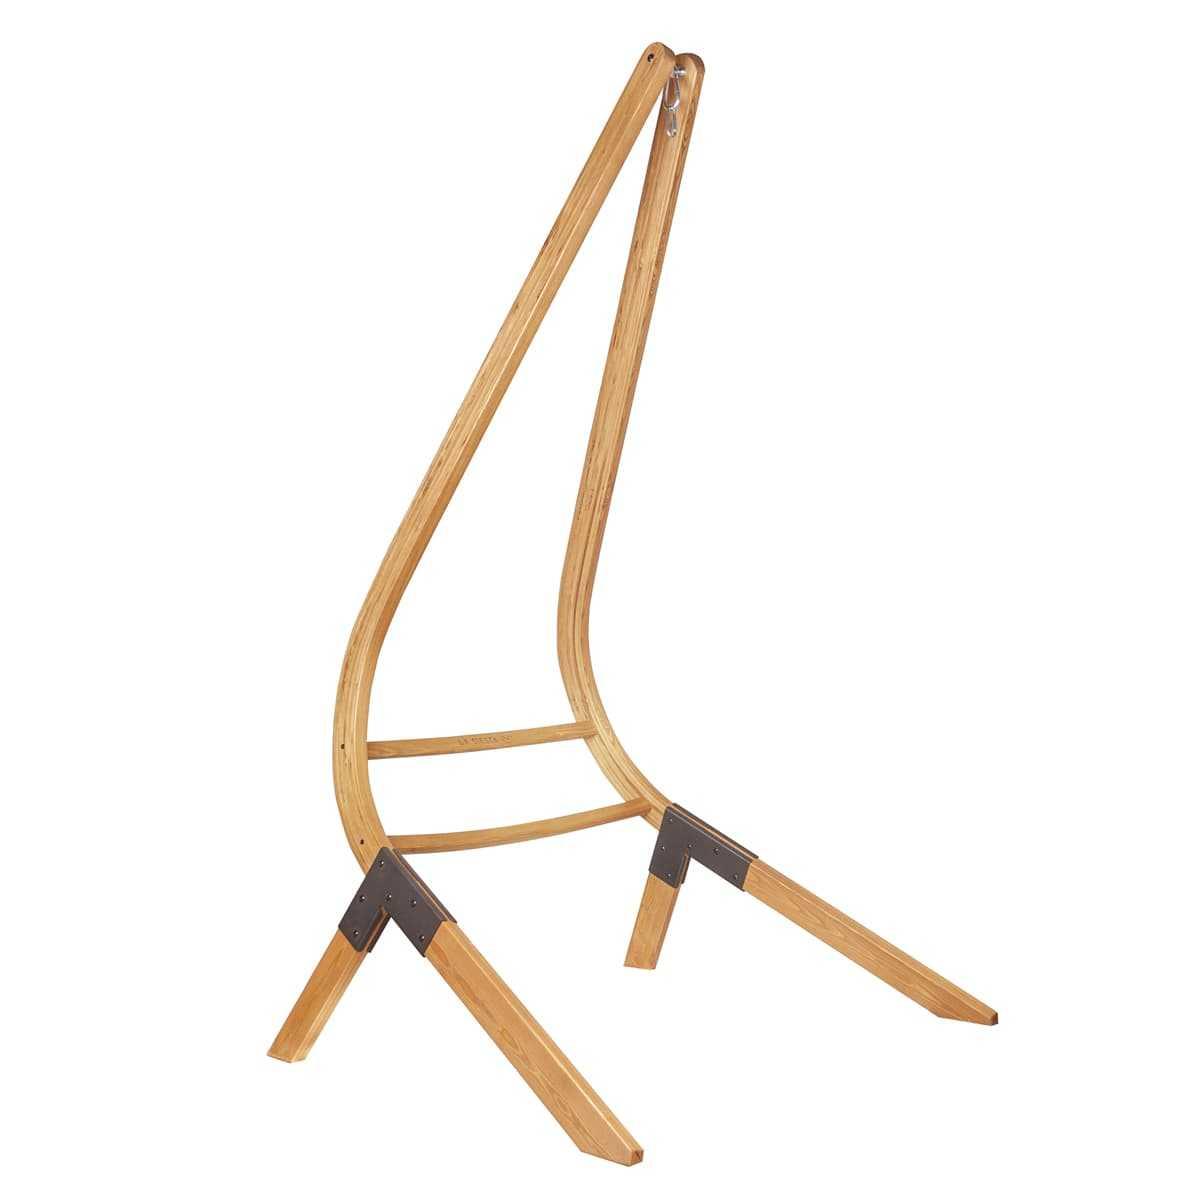 support en bois pour chaise hamac vente au meilleur prix jardins animes